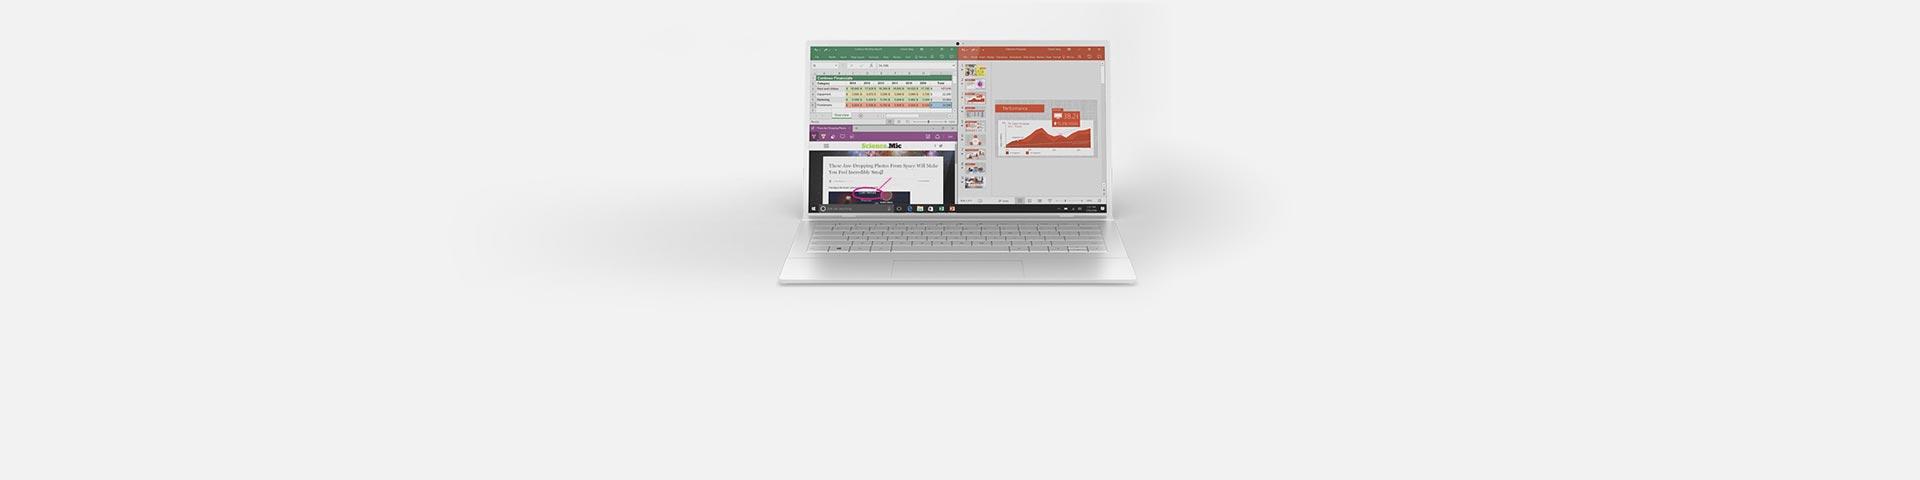 Un ordinateur portable avec des applications Office à l'écran.